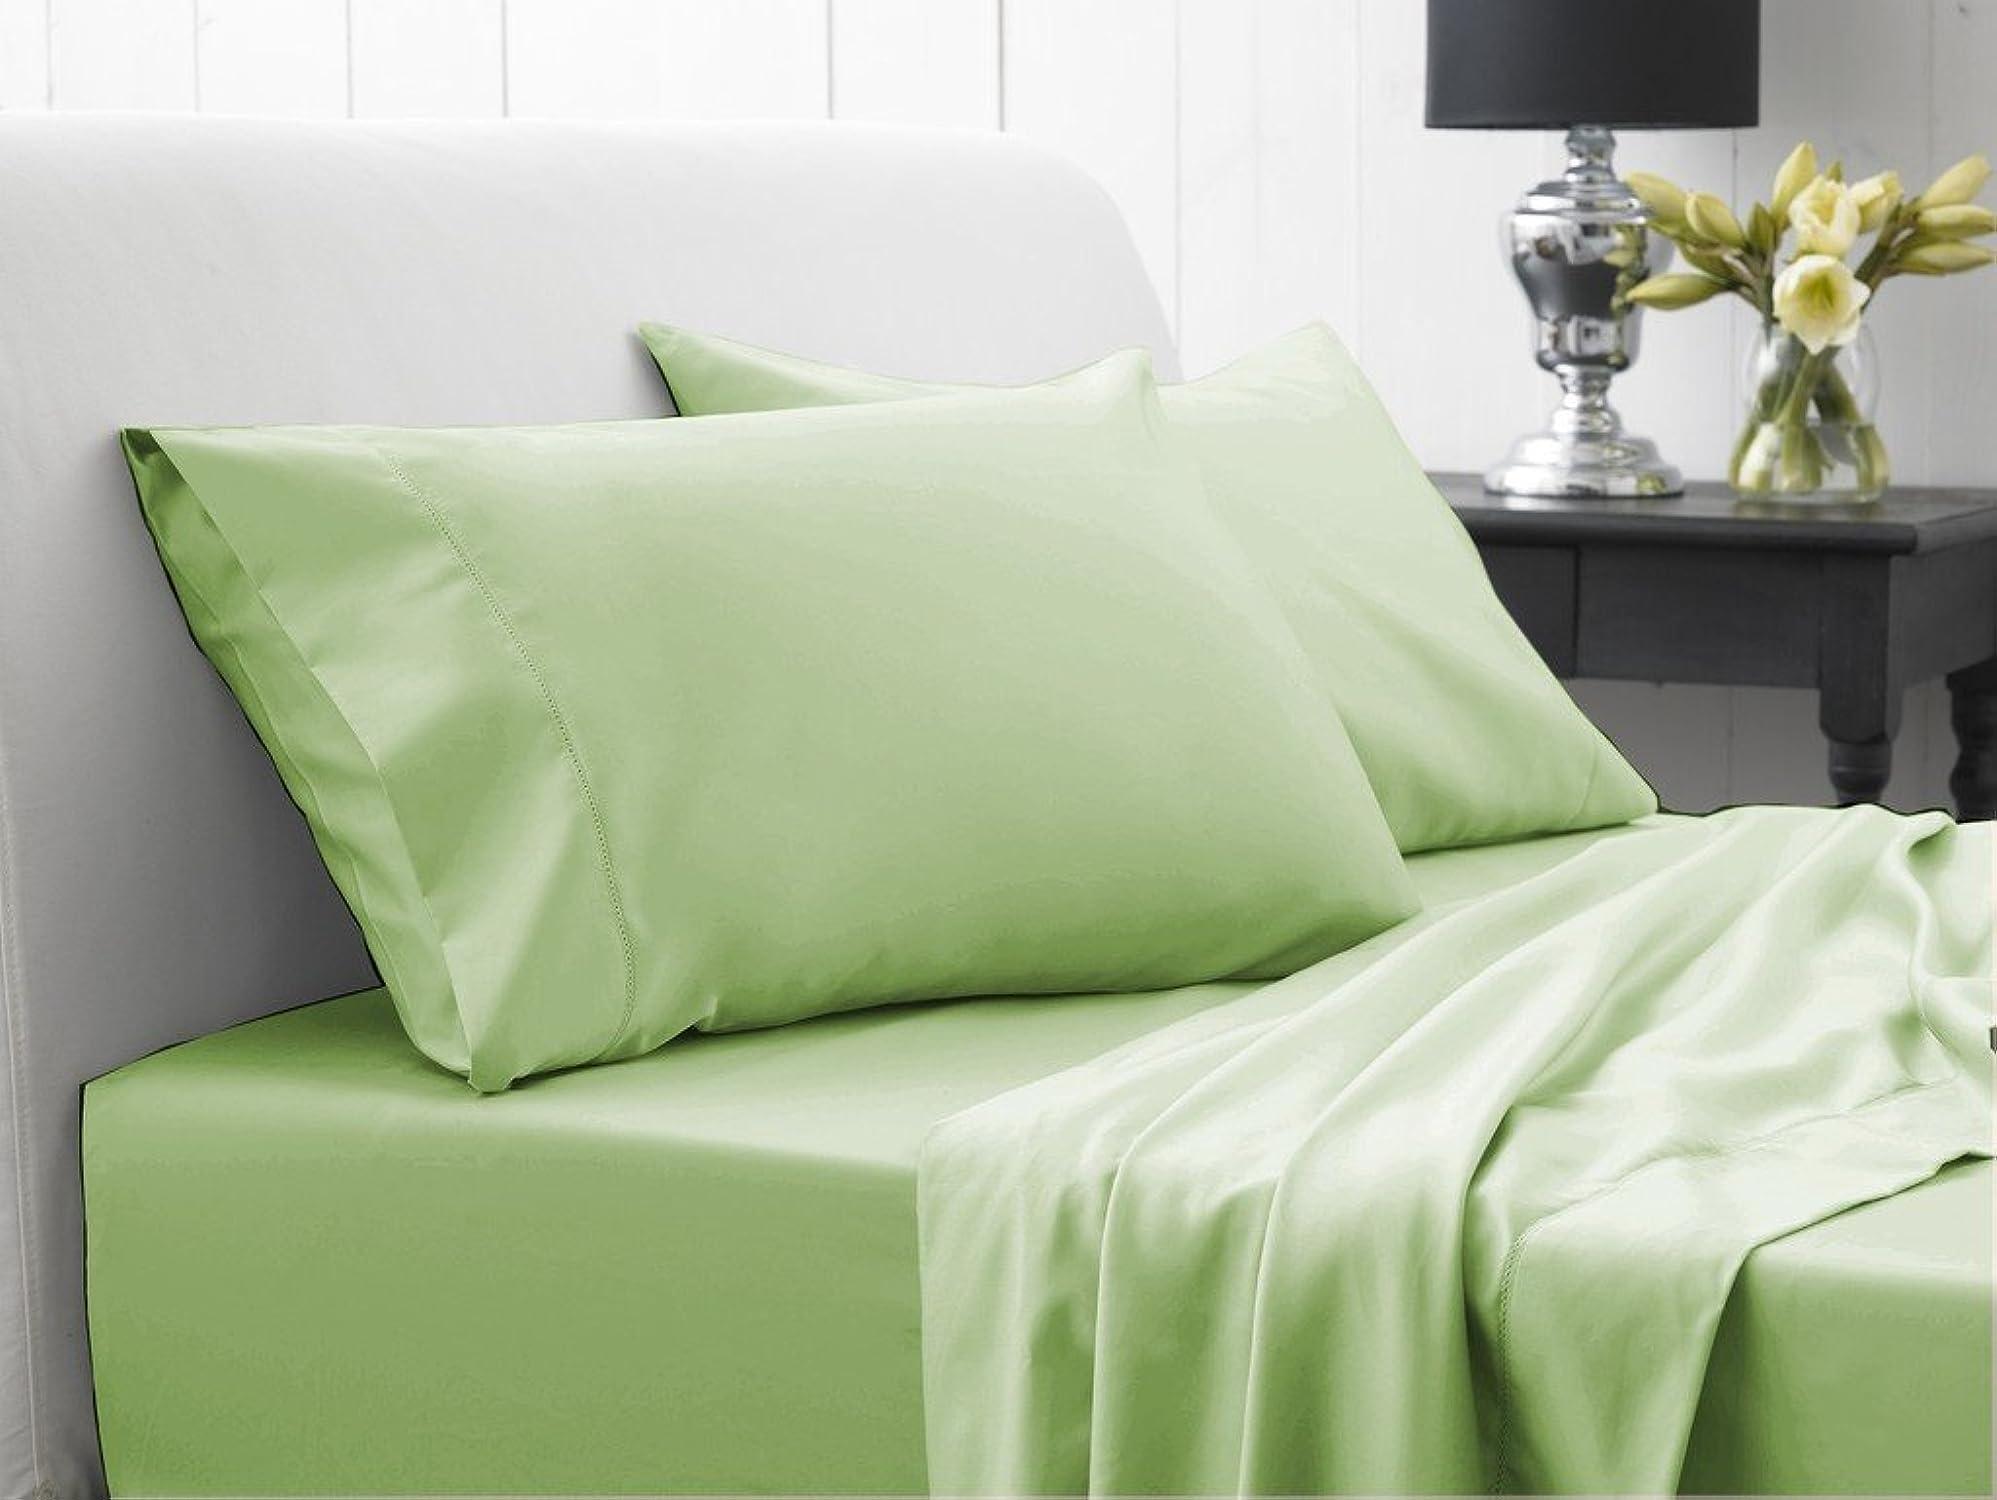 Dreamz Bedding Super agréable 450-thread-count Coton égypcravaten de lit 45,7cm Poche Profonde suppléHommestaire (Empereur, Vert Sauge Solide, 450tc Parure de lit 100% Coton